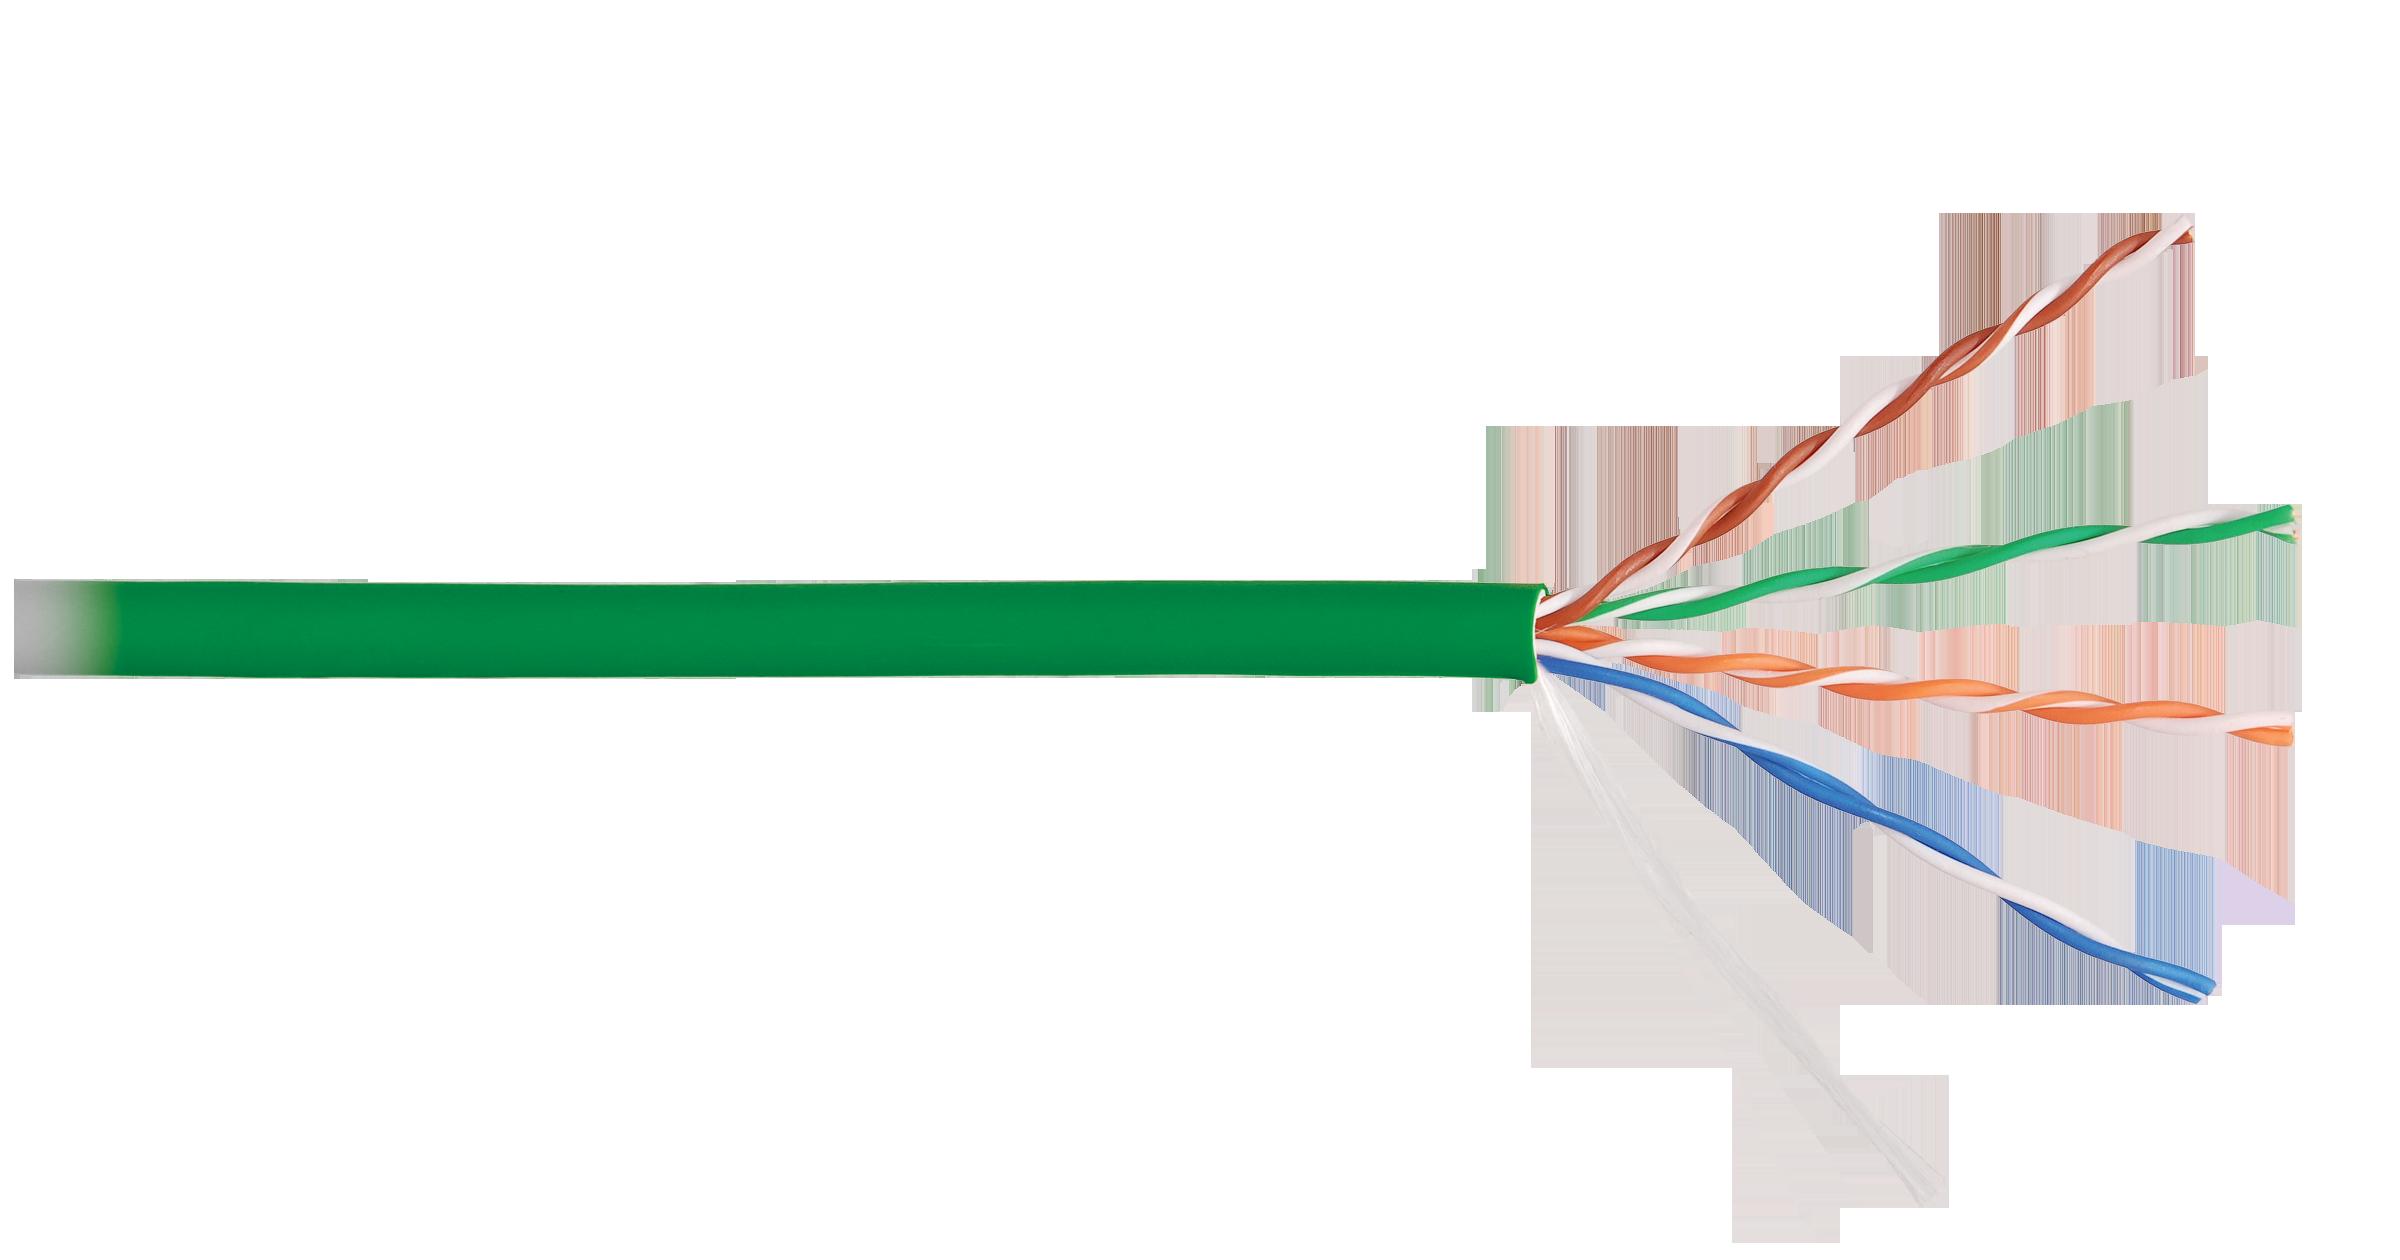 Кабель NIKOLAN U/UTP 4 пары, Кат.5e (Класс D), тест по ISO/IEC, 100МГц, одножильный, BC (чистая медь), 24AWG (0,511мм), внутренний, LSZH нг(А)-HFLTx, зеленый, 305м - гарантия: 5 лет расширенная / 25 лет системная